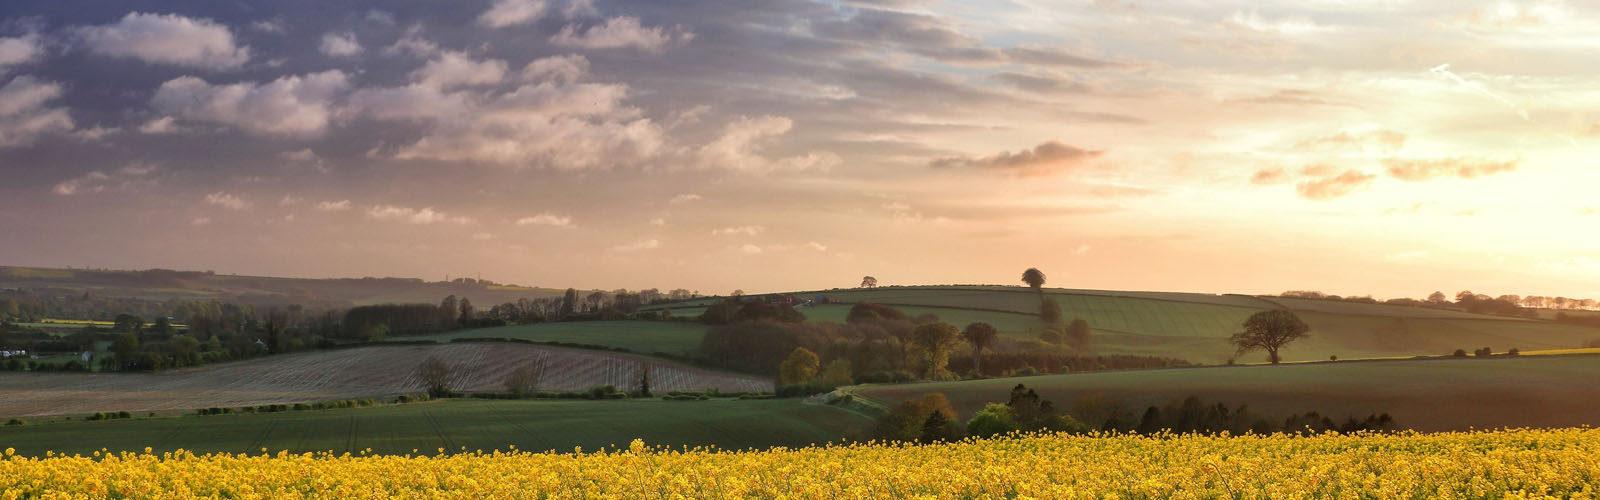 Lincolnshire field.